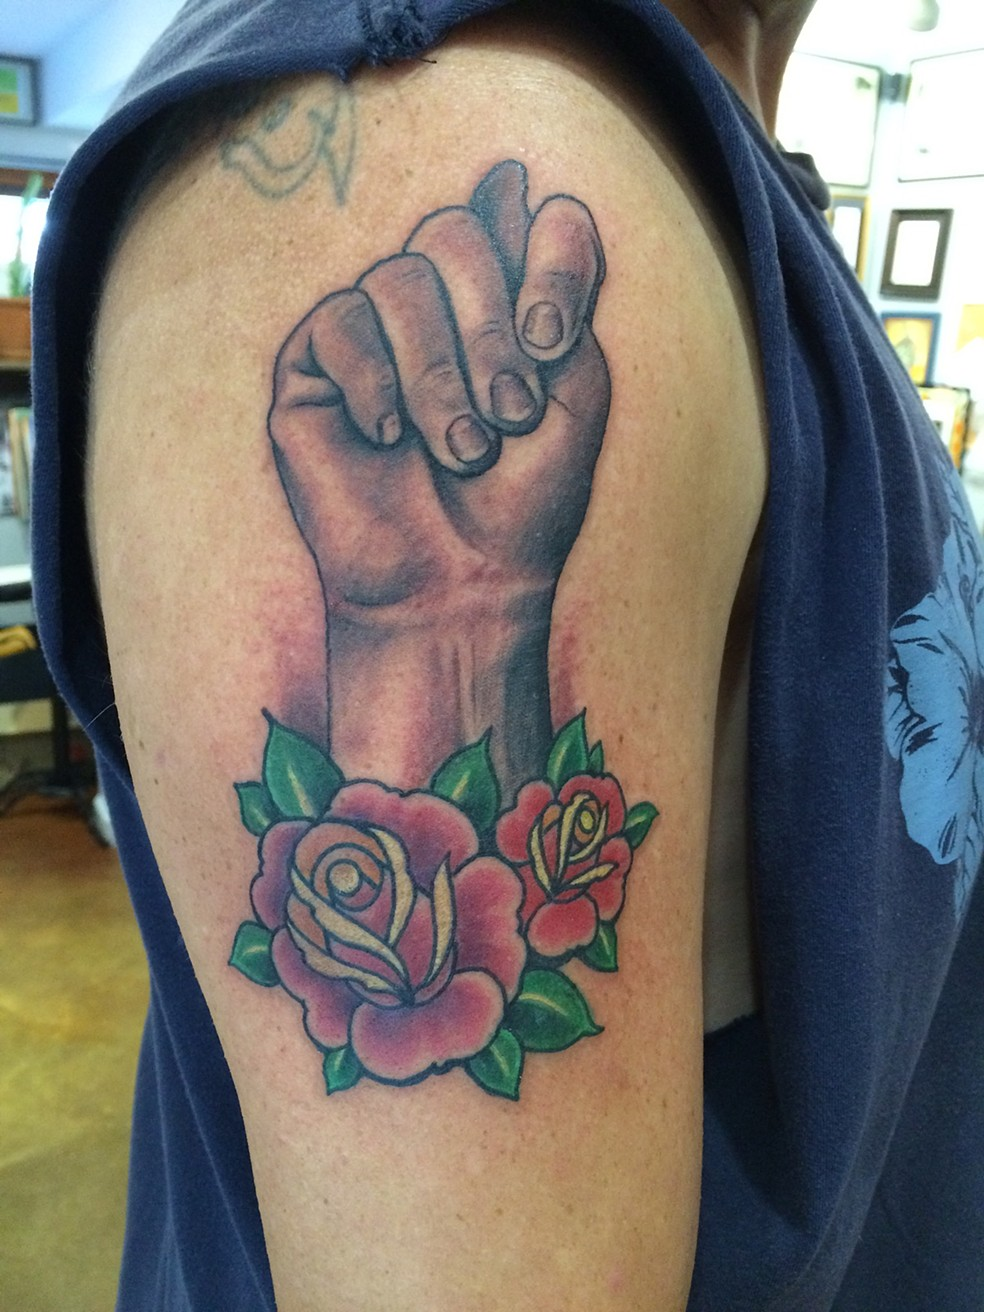 Grande figa tatuaggio